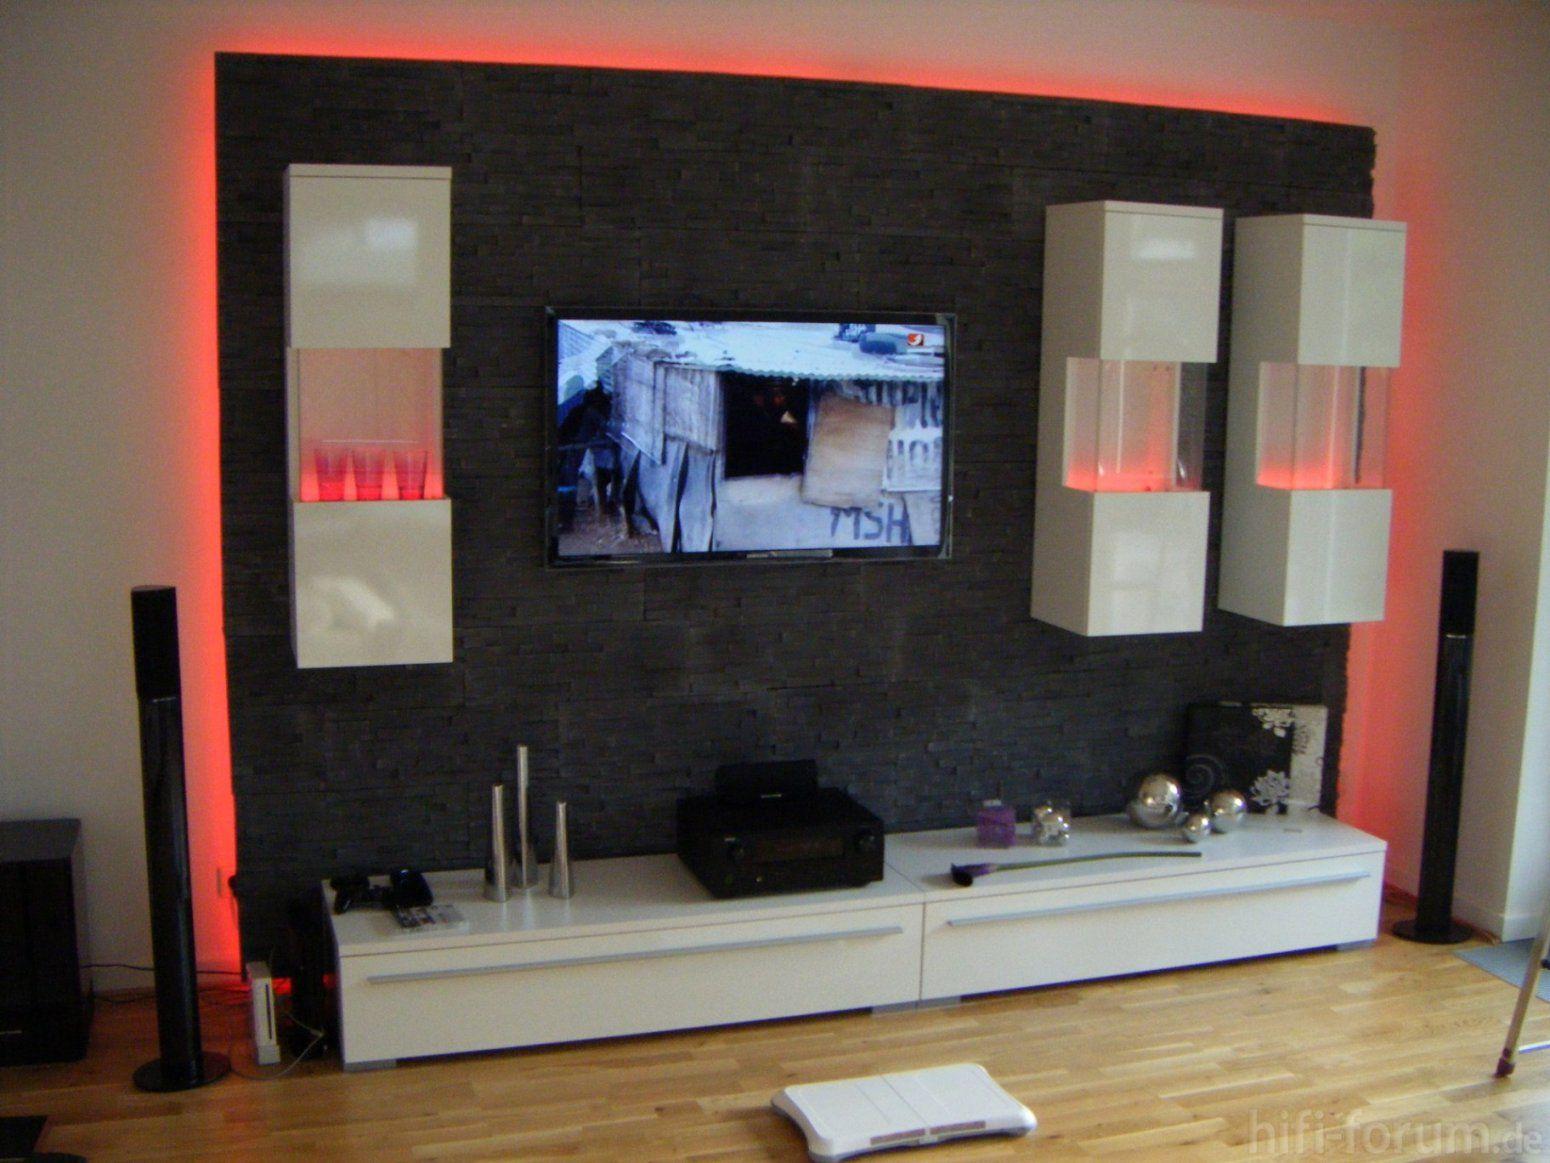 Interessant Tv Wand Selber Bauen Ideen Für Steinwand Schlafzimmer von Fernseher Wand Selber Bauen Bild